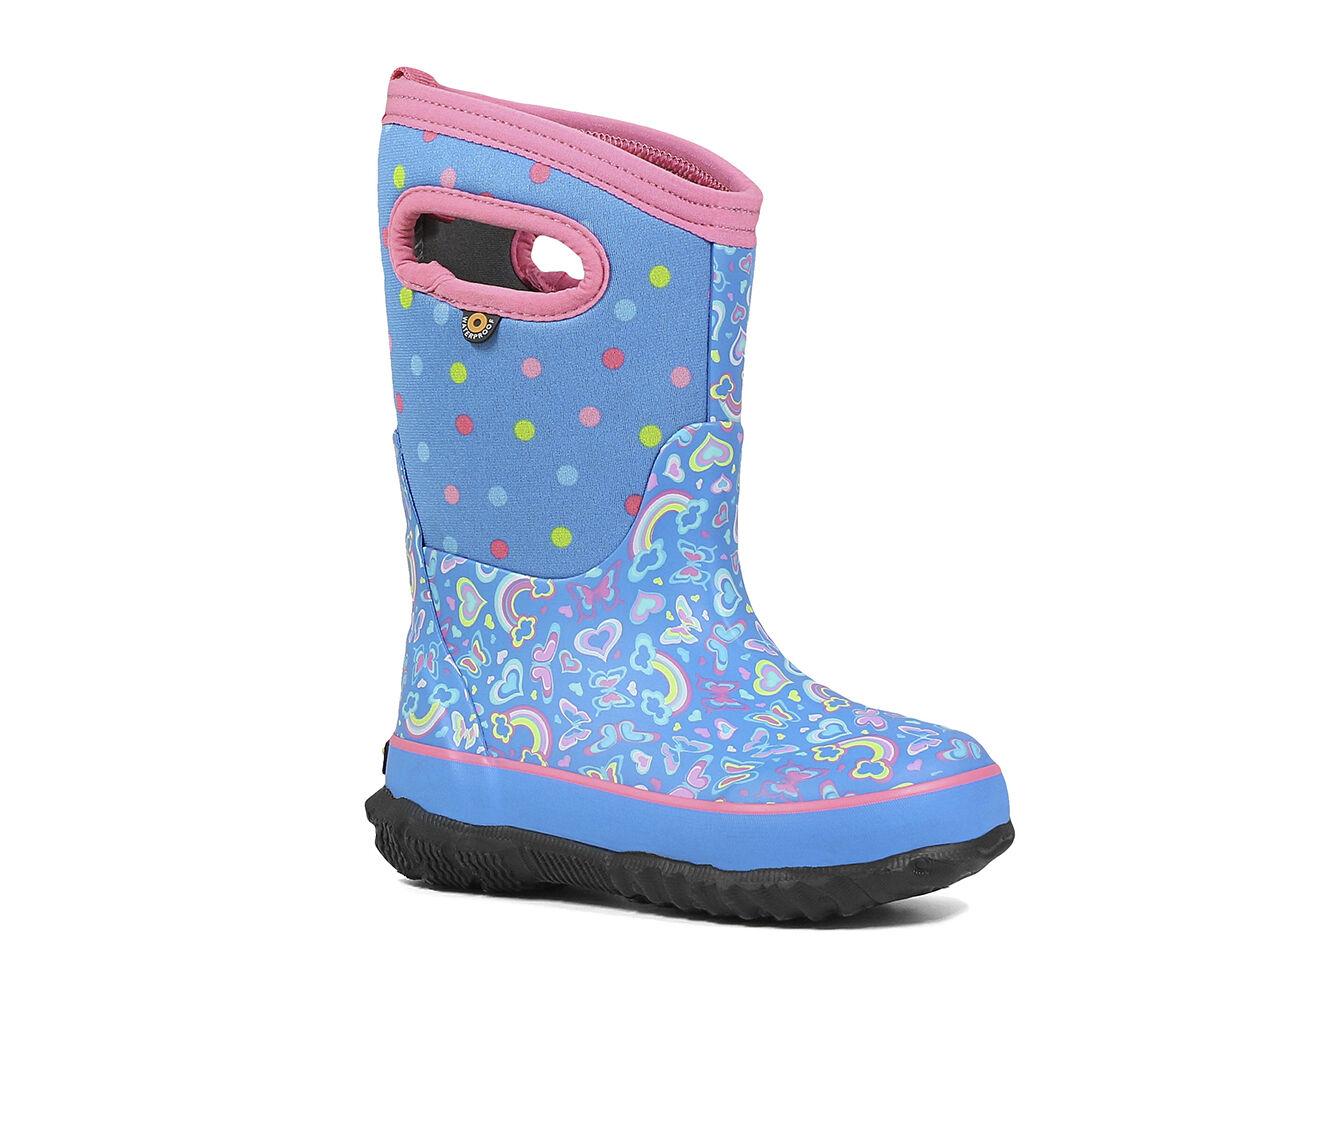 Toddler Girls BOGS Winter Snow Boots Black Purple Sz 7 or 8 Waterproof Warm CUTE